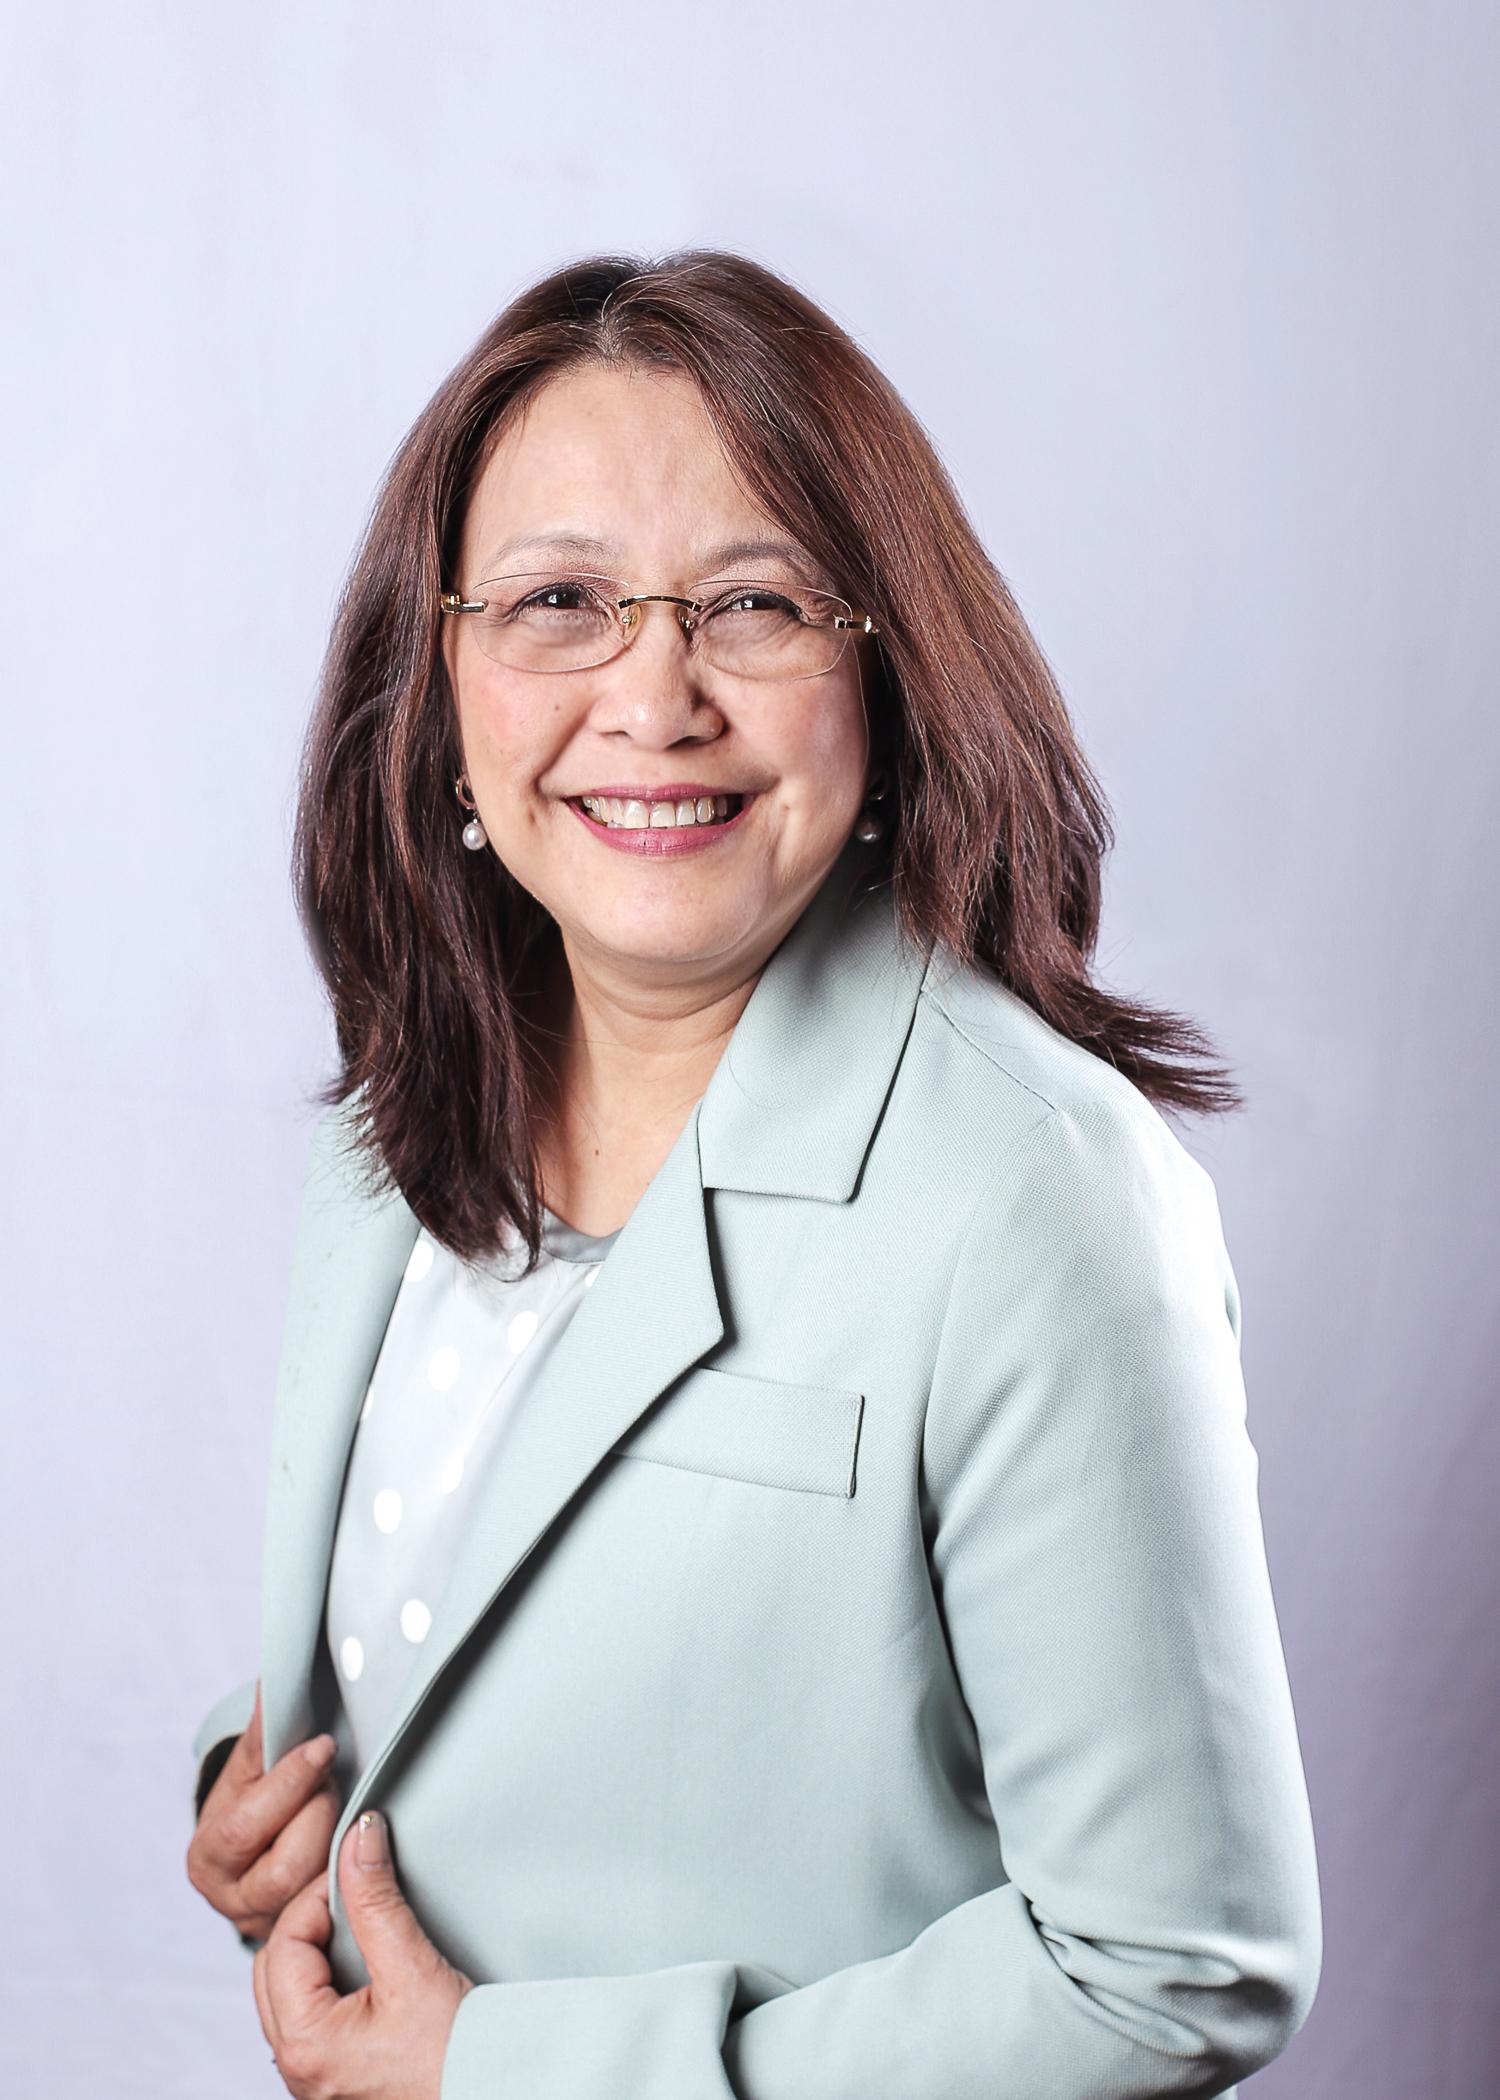 Evie Javalera